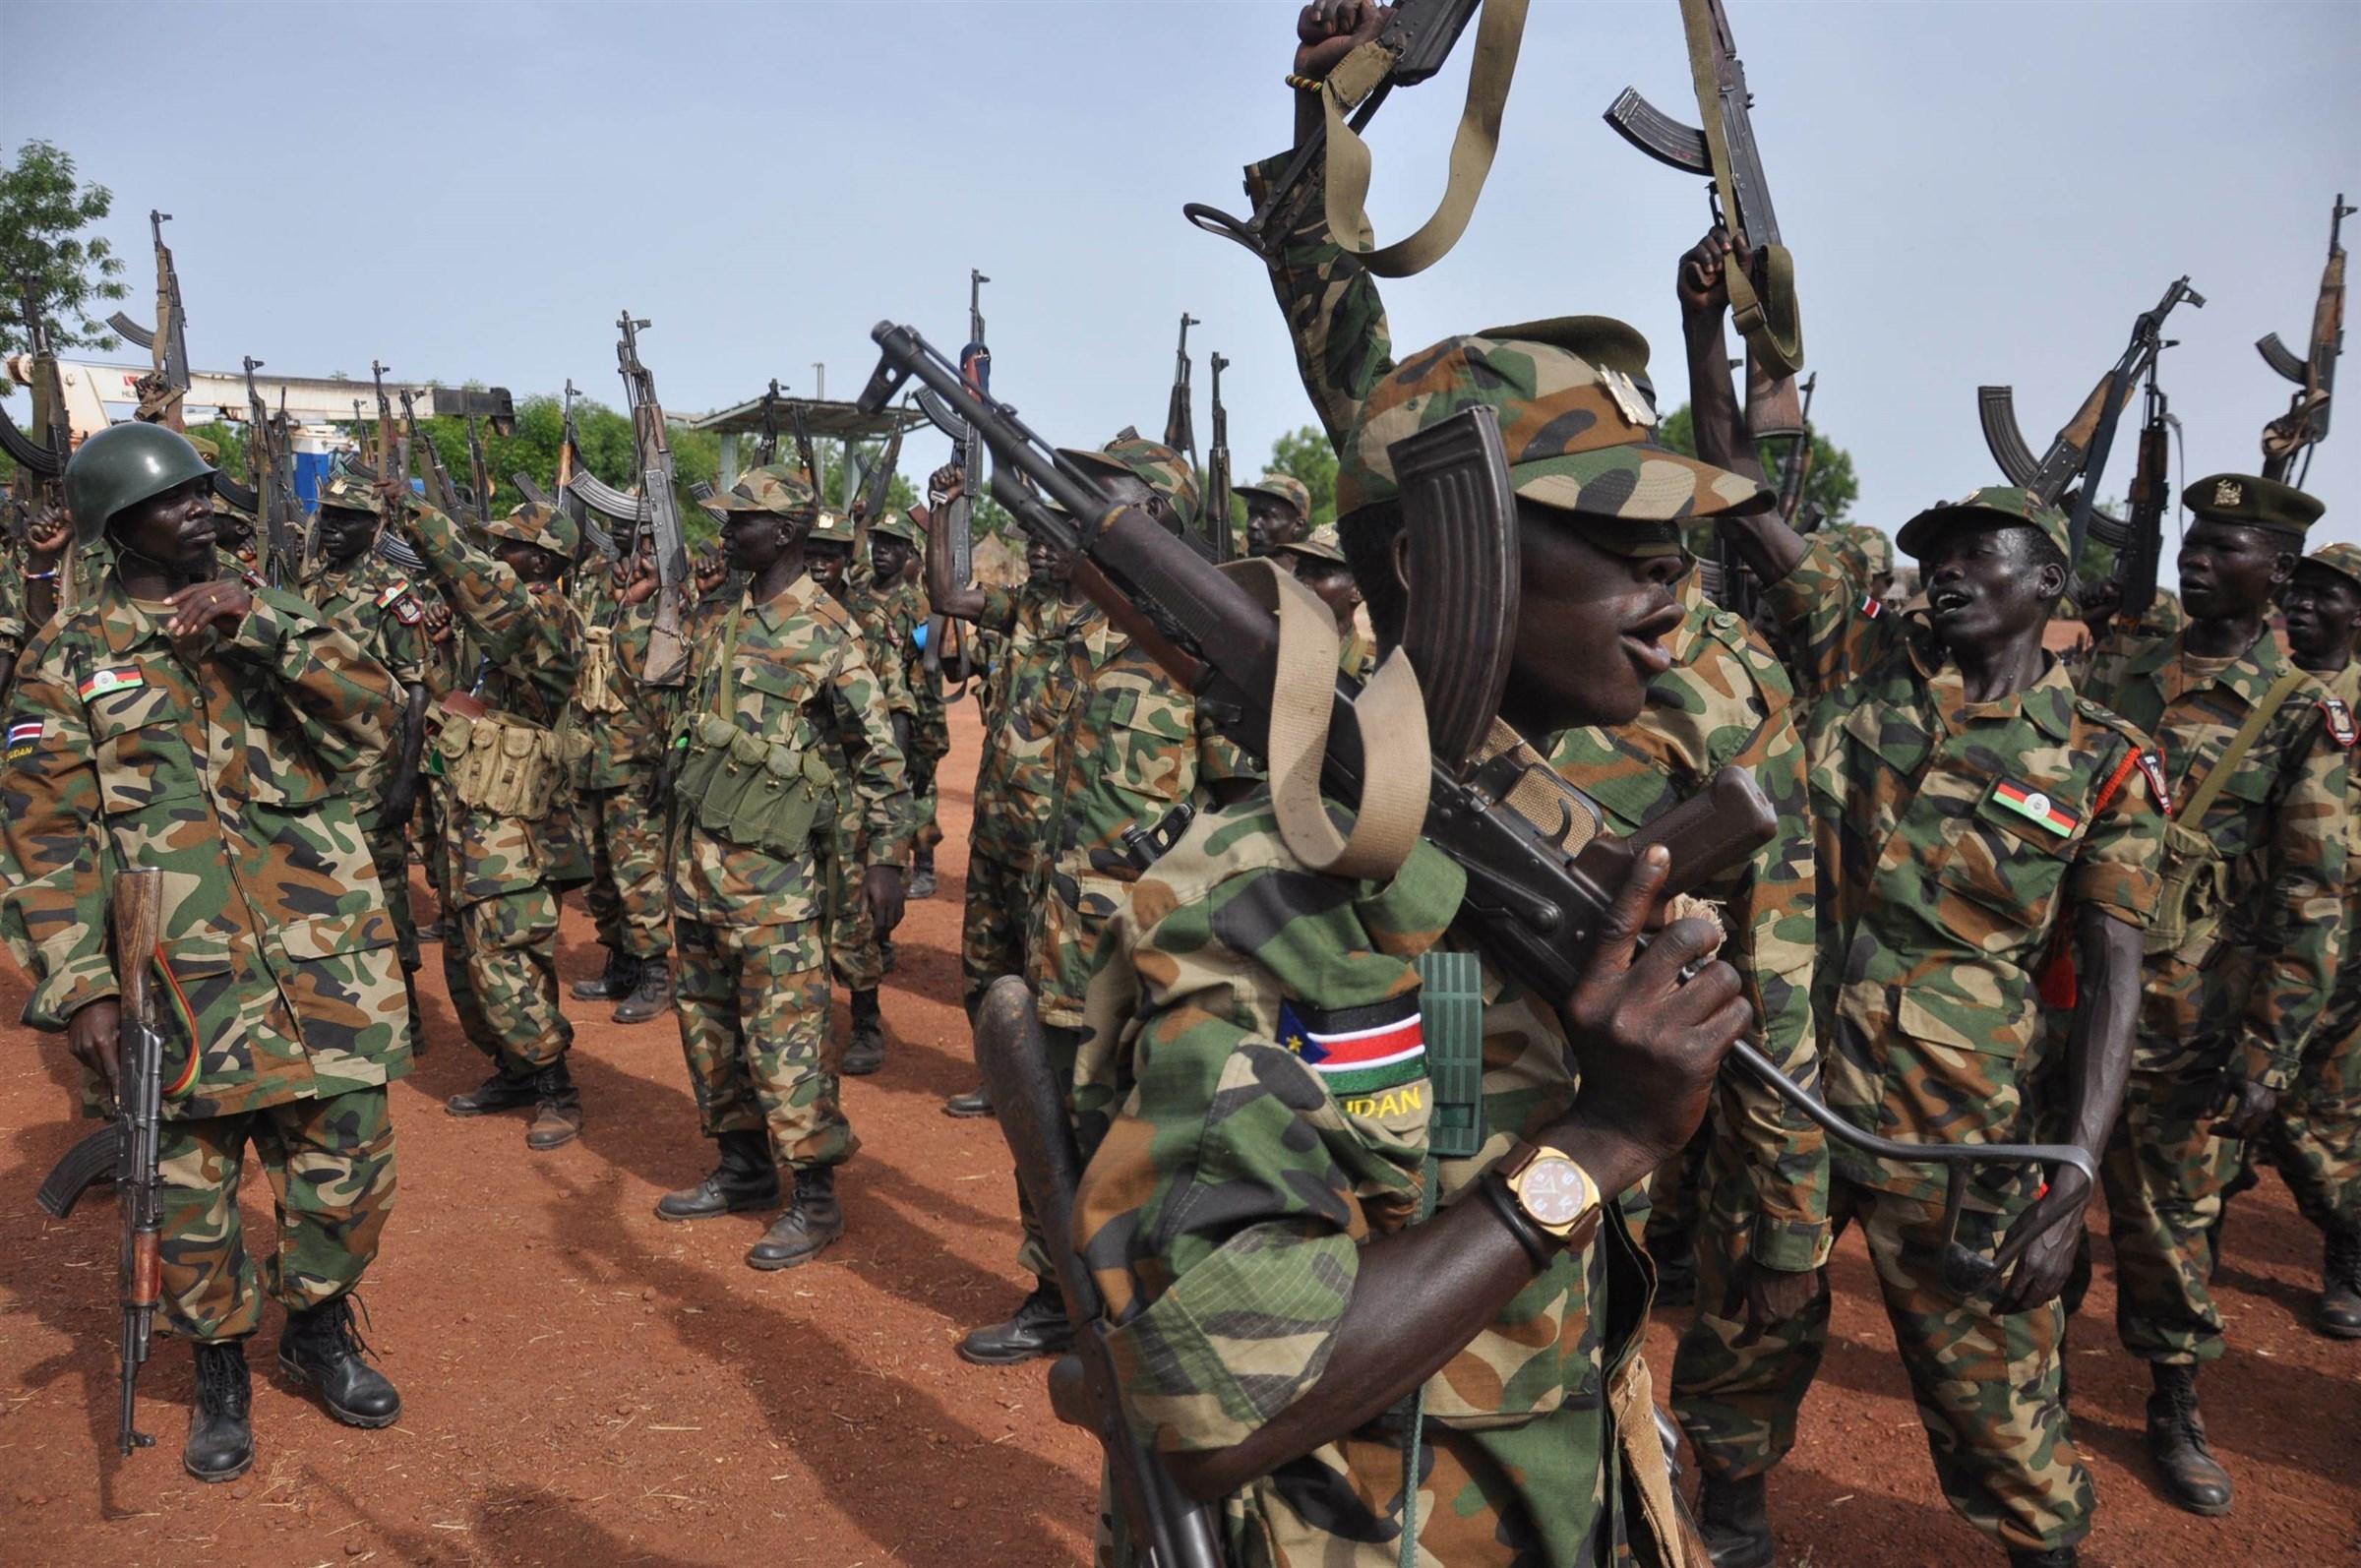 عقوبات أمريكية تتهدد جنوب السودان